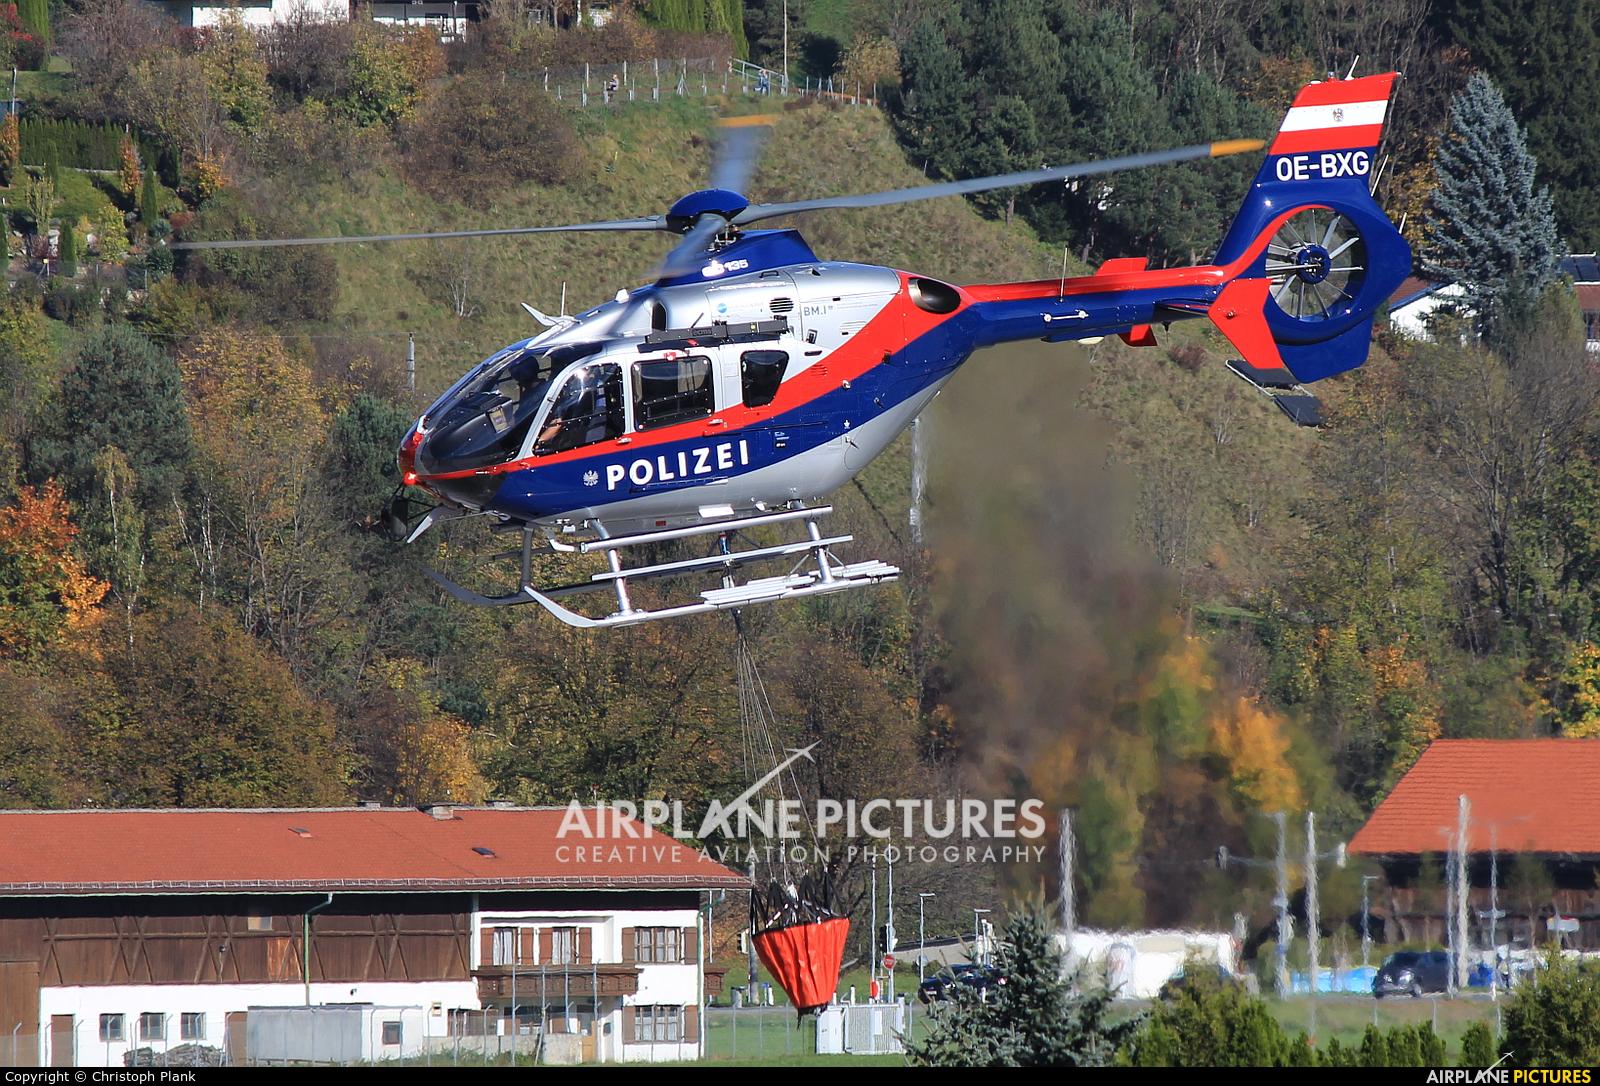 Austria - Police OE-BXG aircraft at Innsbruck